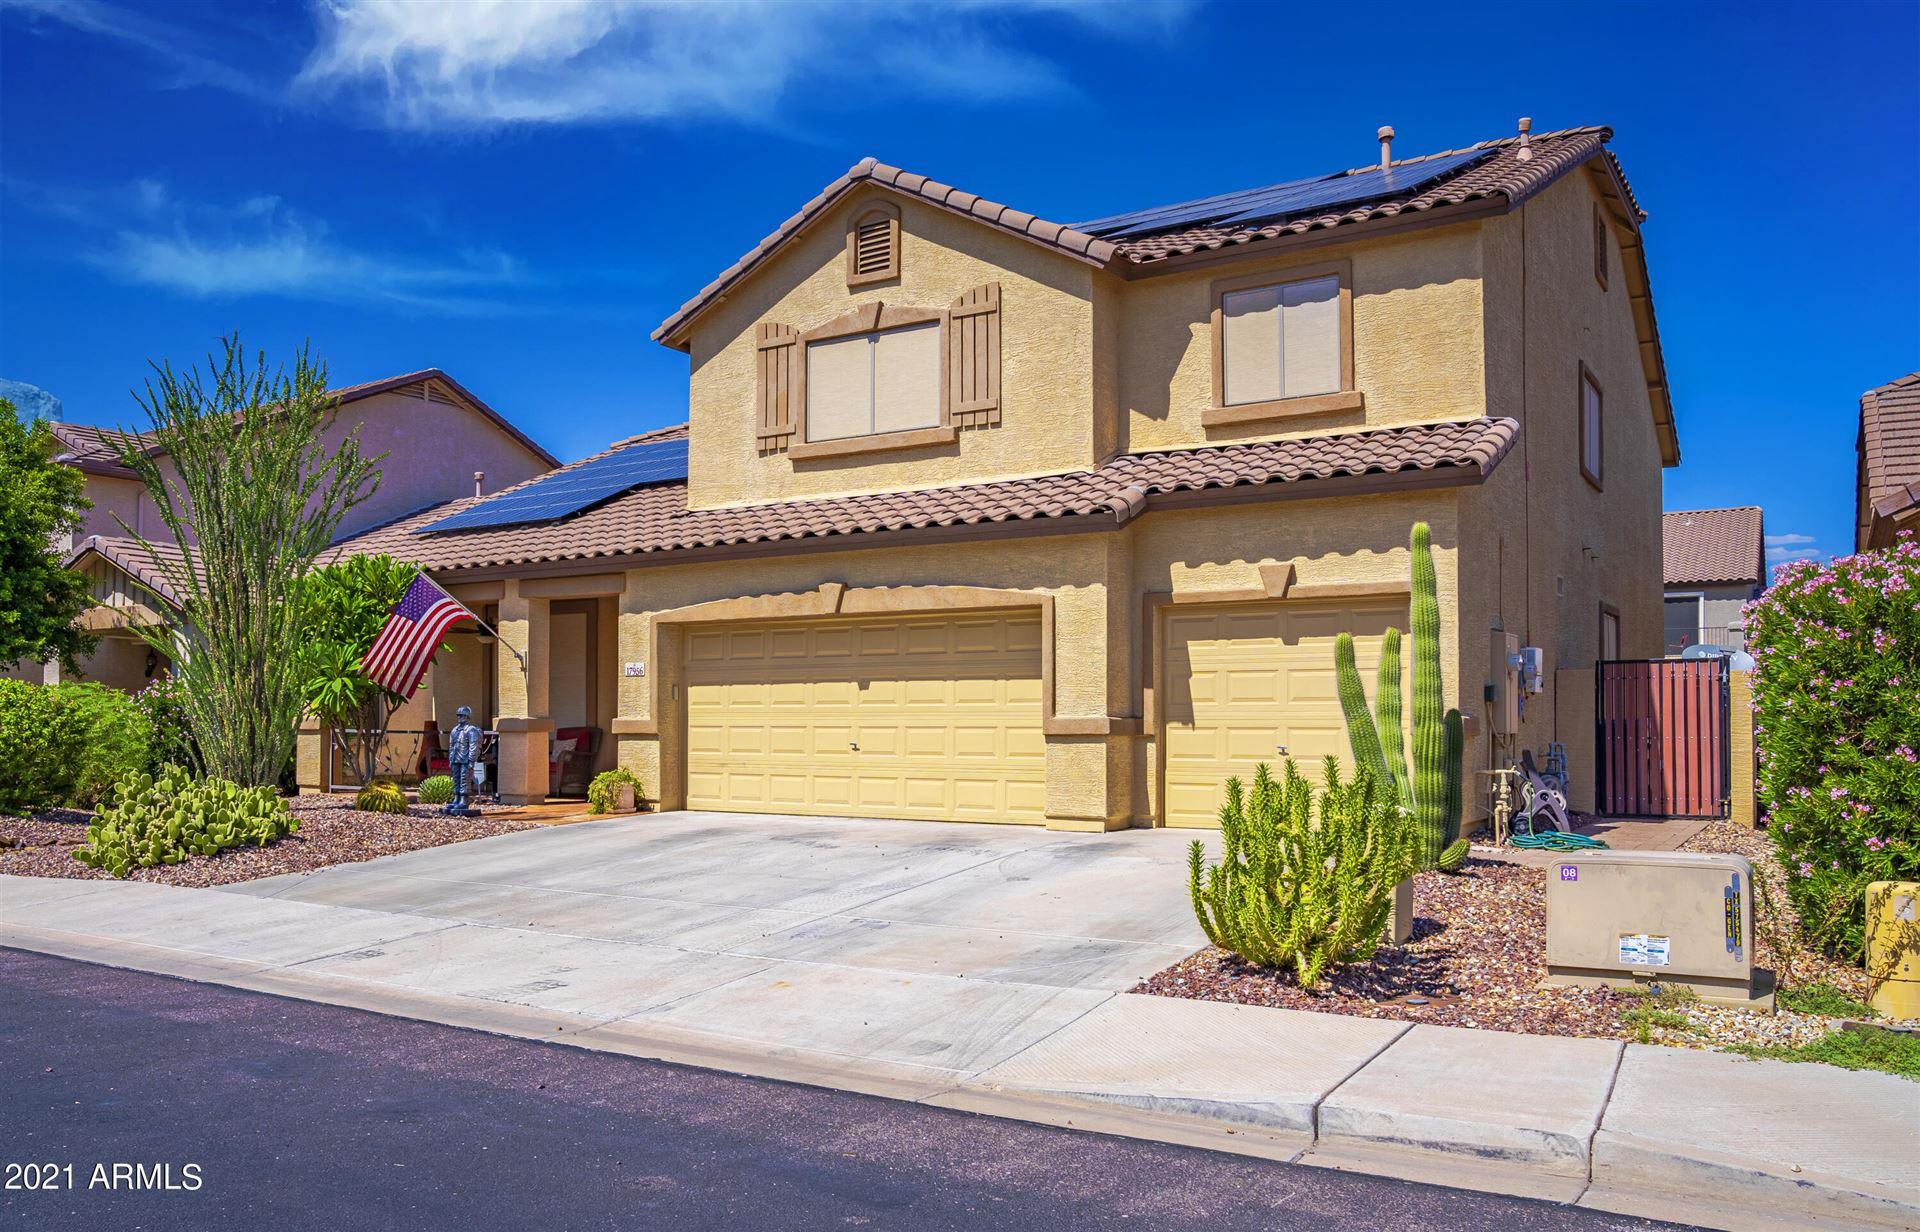 17956 W DESERT Lane, Surprise, AZ 85388 - MLS#: 6293917